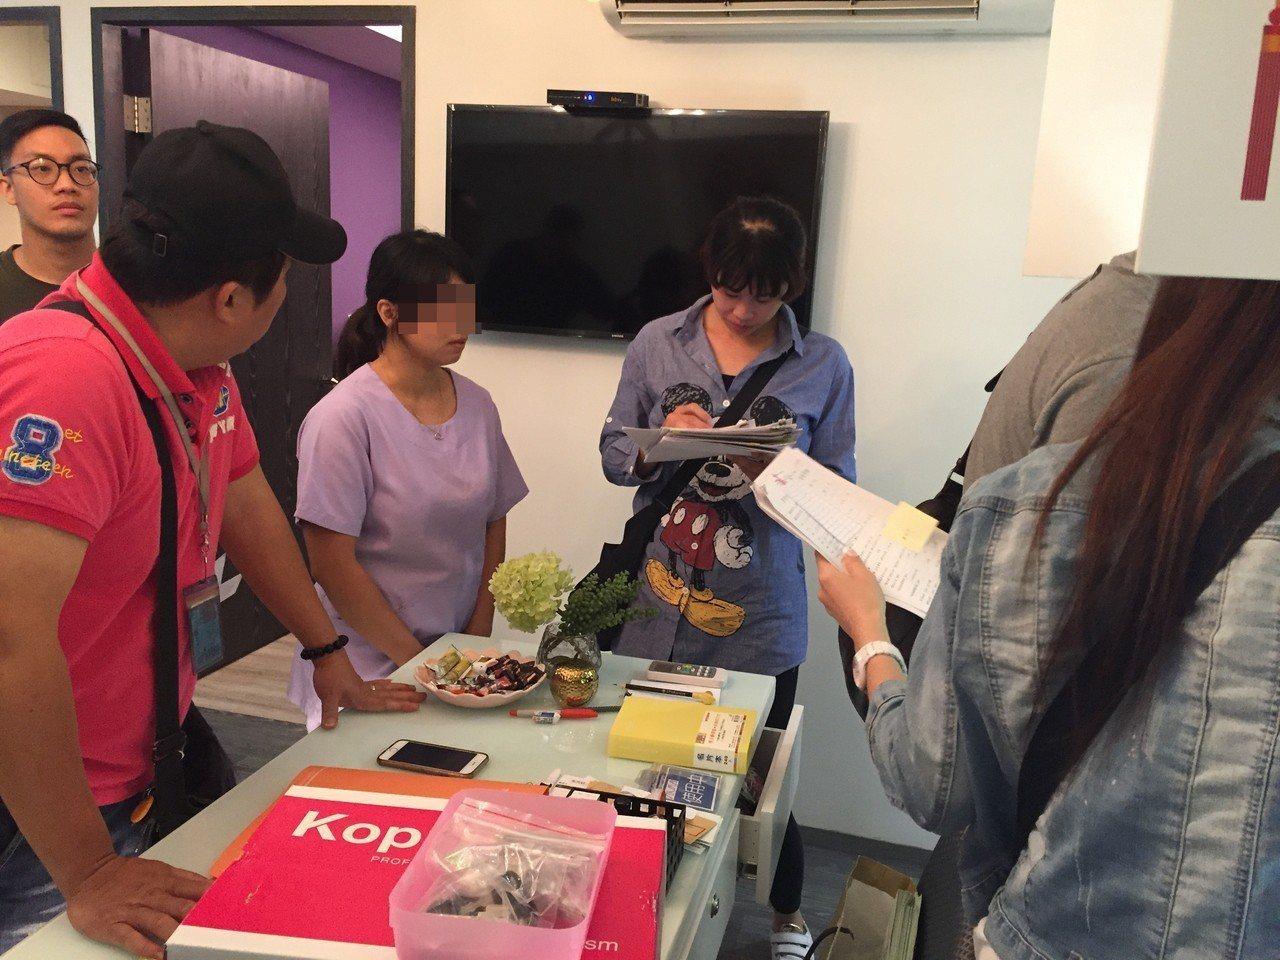 警方持搜索票到店內搜索。記者劉星君/翻攝